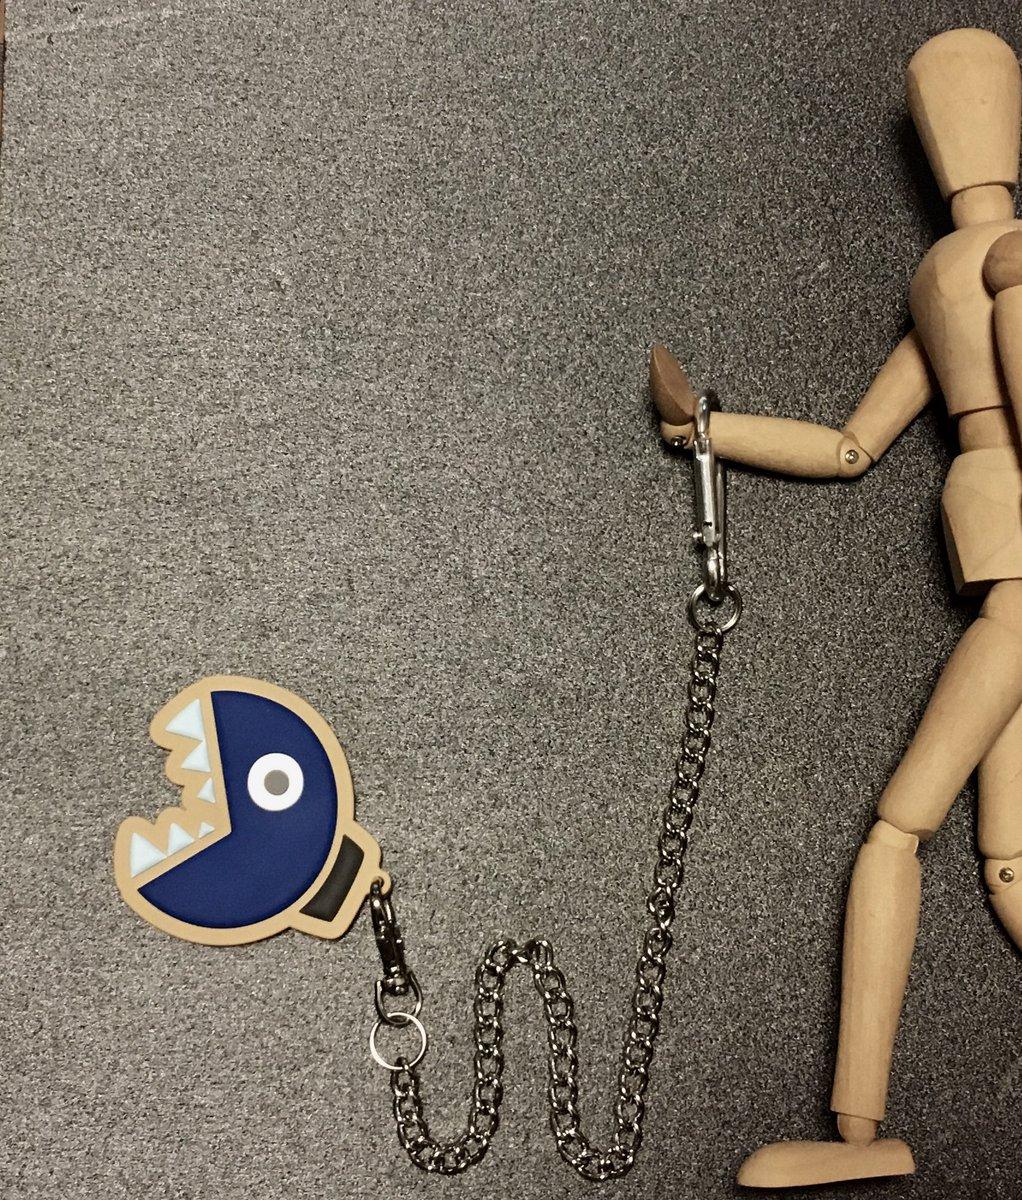 test ツイッターメディア - 「ワンワン」のキーホルダー  100均の鎖 買って、 より、っぽい感じにしてみた  #ワンワン #マリオ #ダイソー https://t.co/QbLxJG5m7T